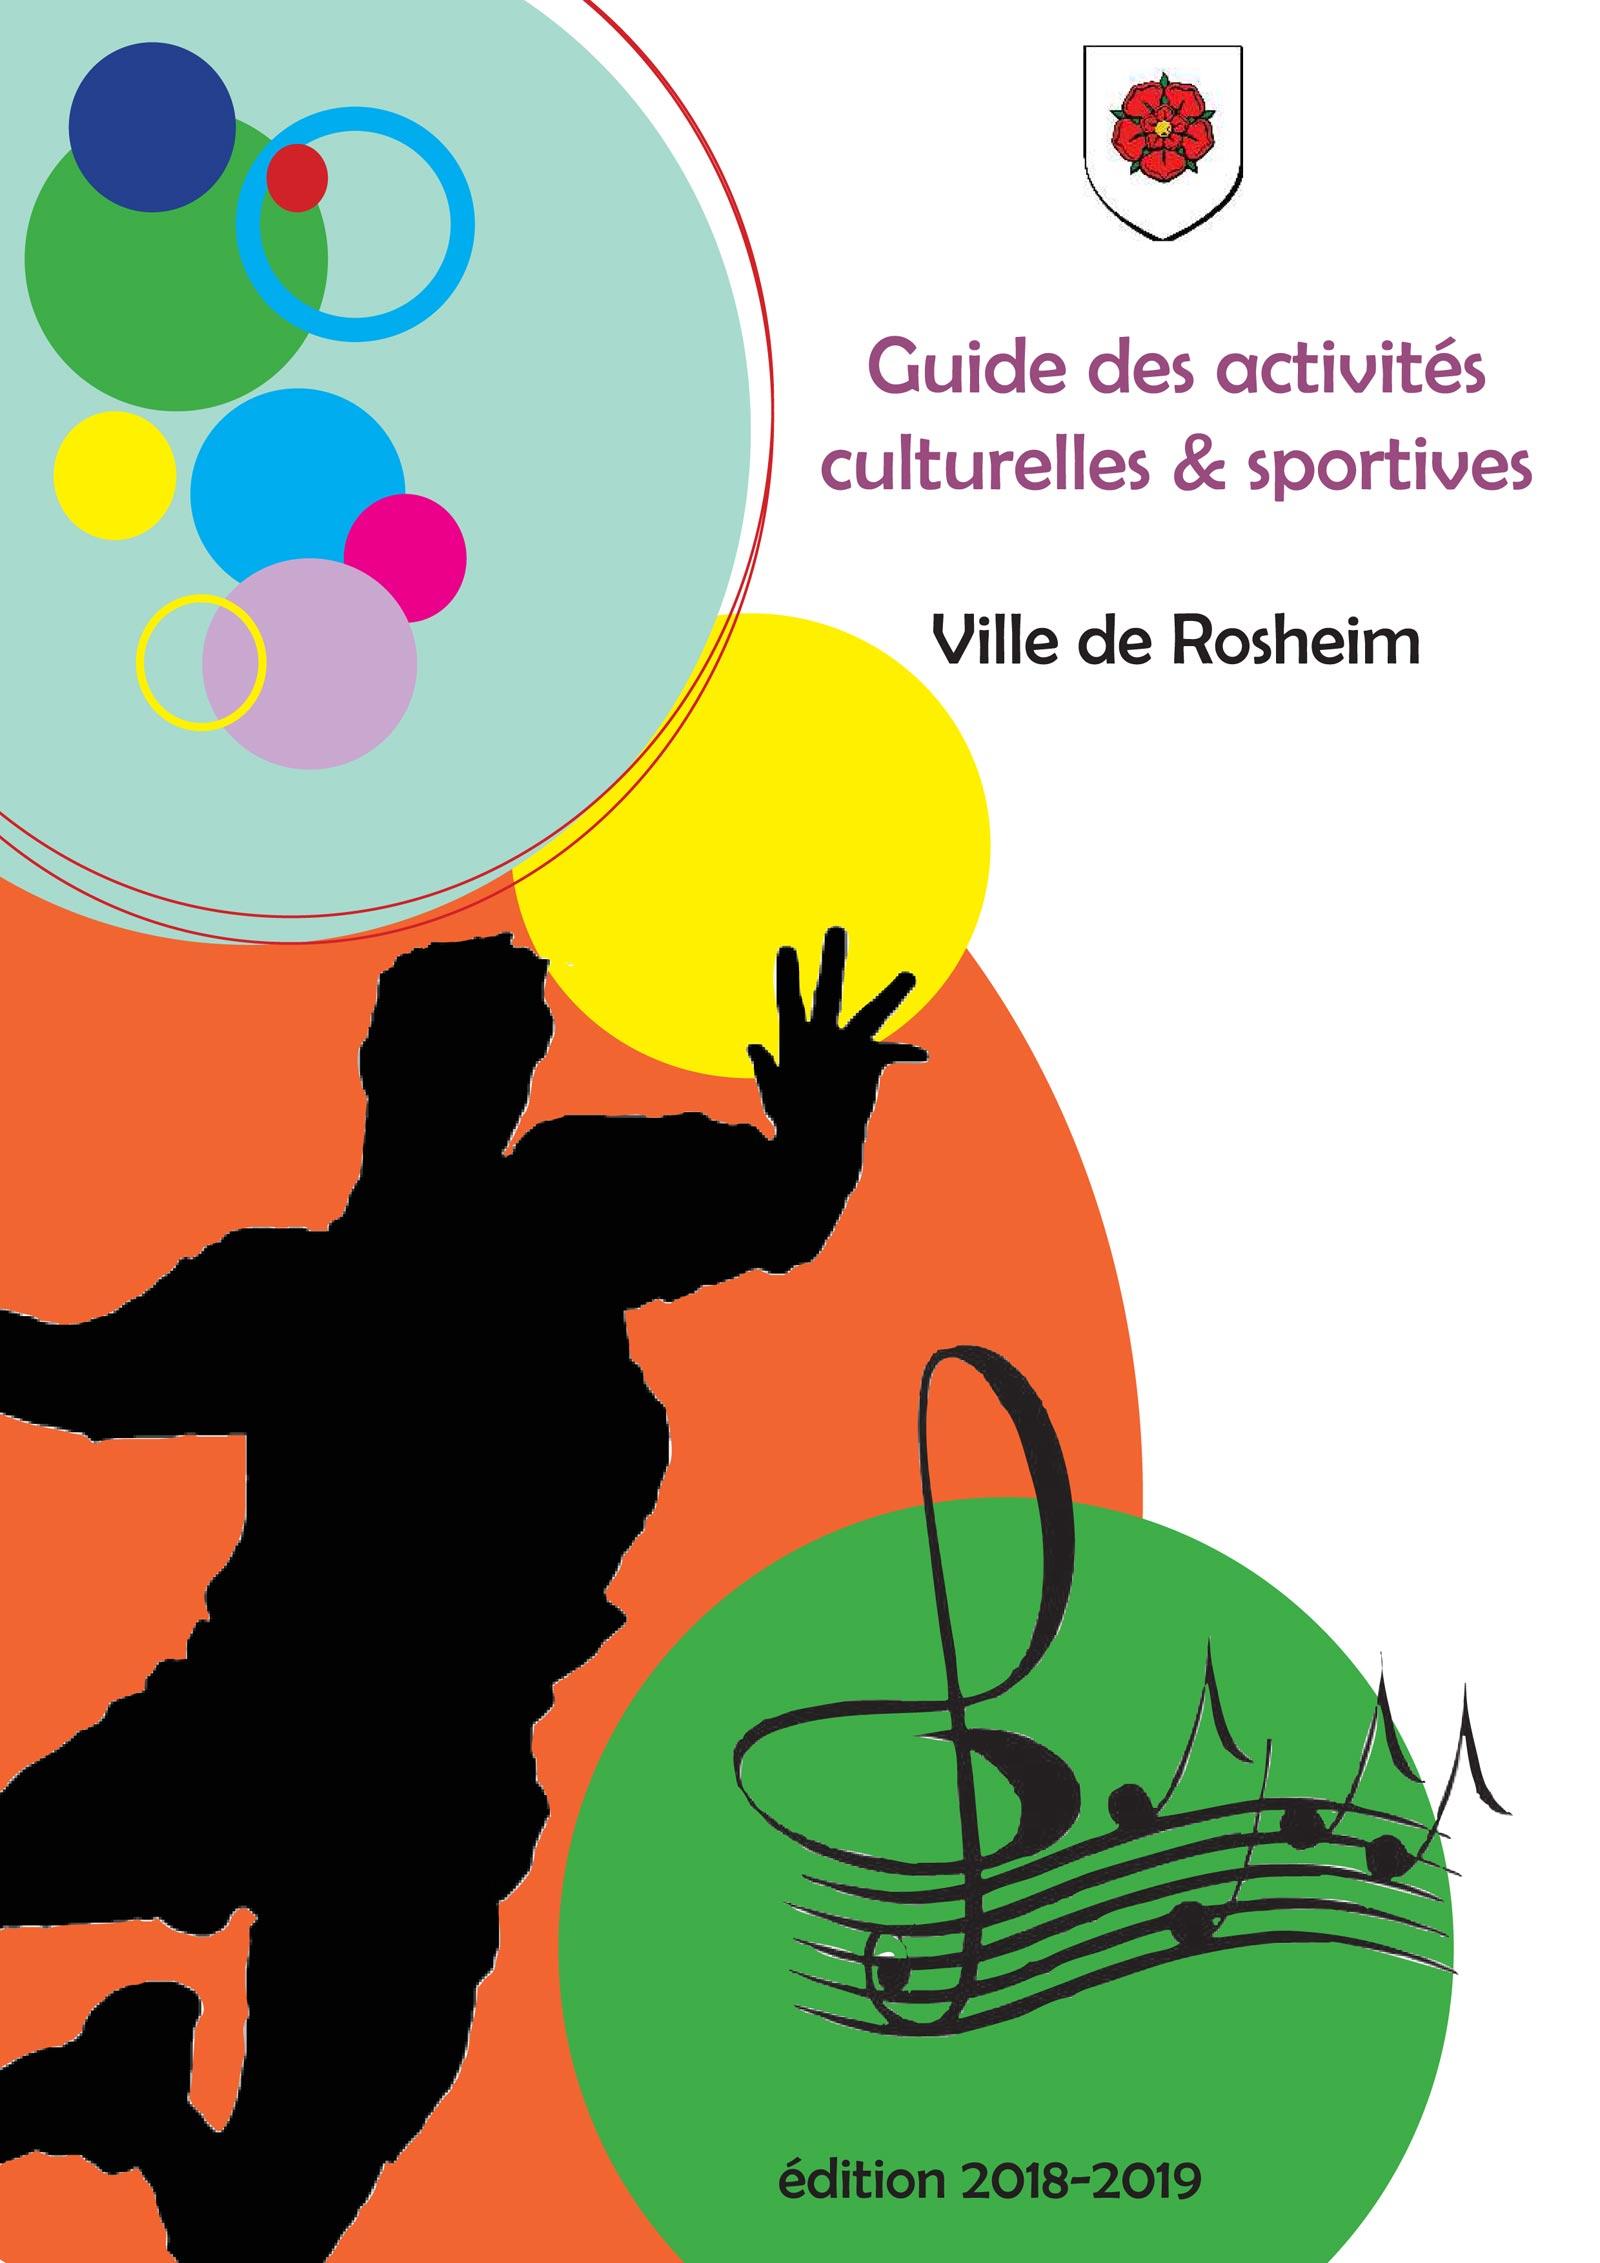 Guide d'activités - Edition 2018-2019